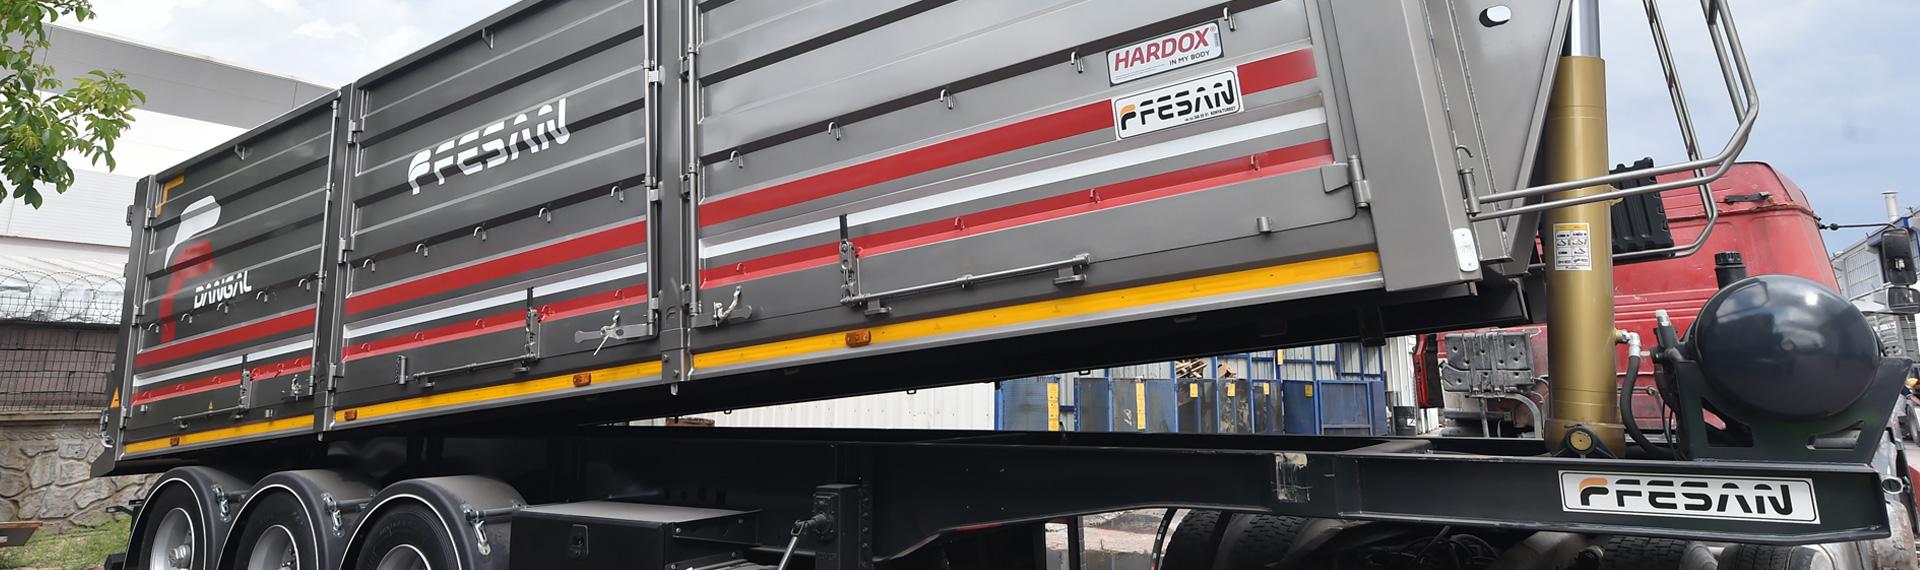 Fesan社とHardox® in My Bodyのロゴが付いた、シャイニーグレー&赤のセミトレーラー。